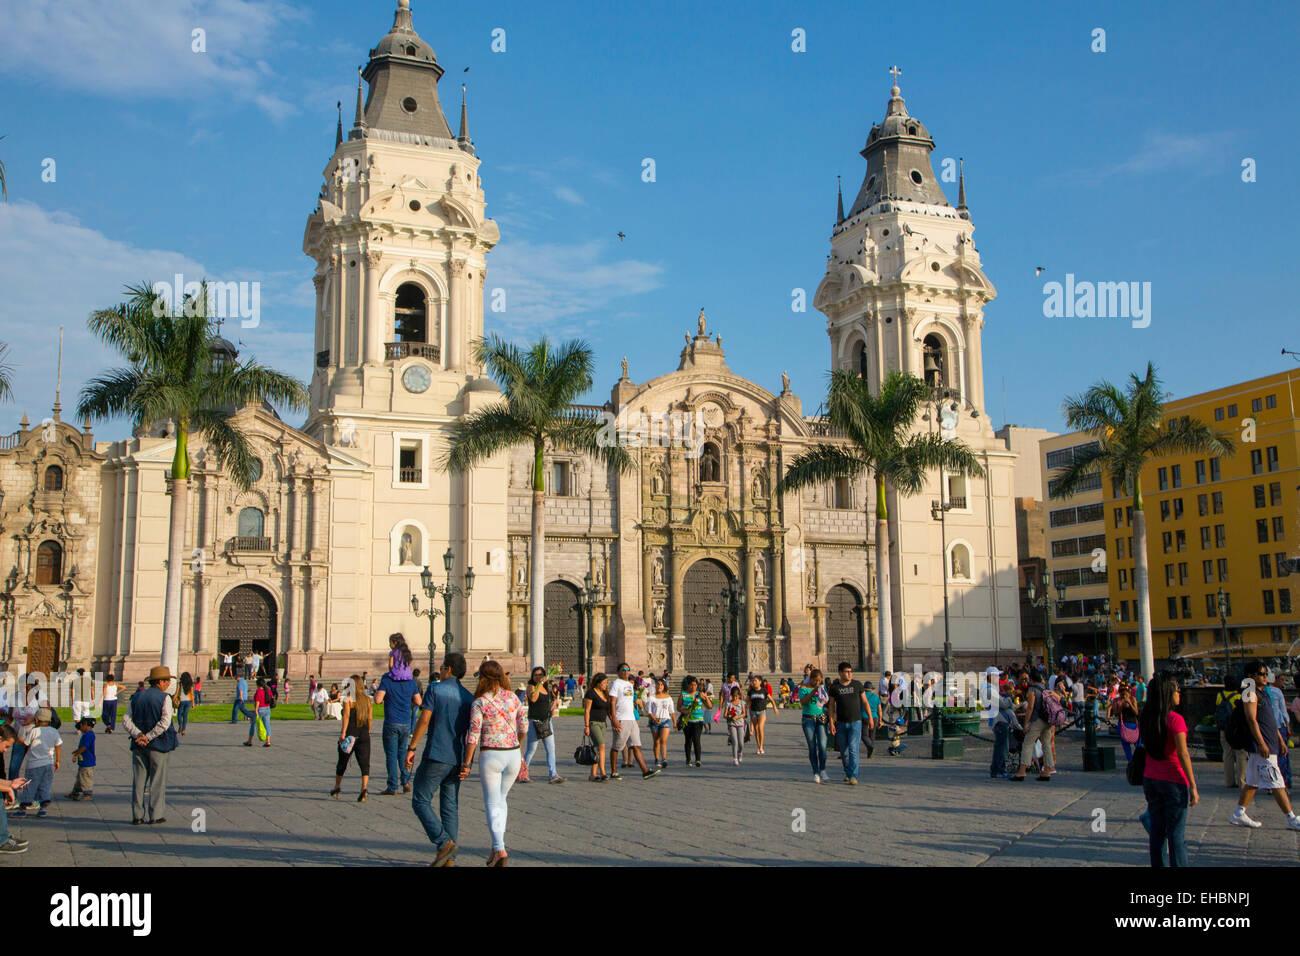 Plaza Mayor, Plaza de Armas, Cattedrale di Lima, Ciudad de los Reyes, il centro storico della città, Lima, Immagini Stock